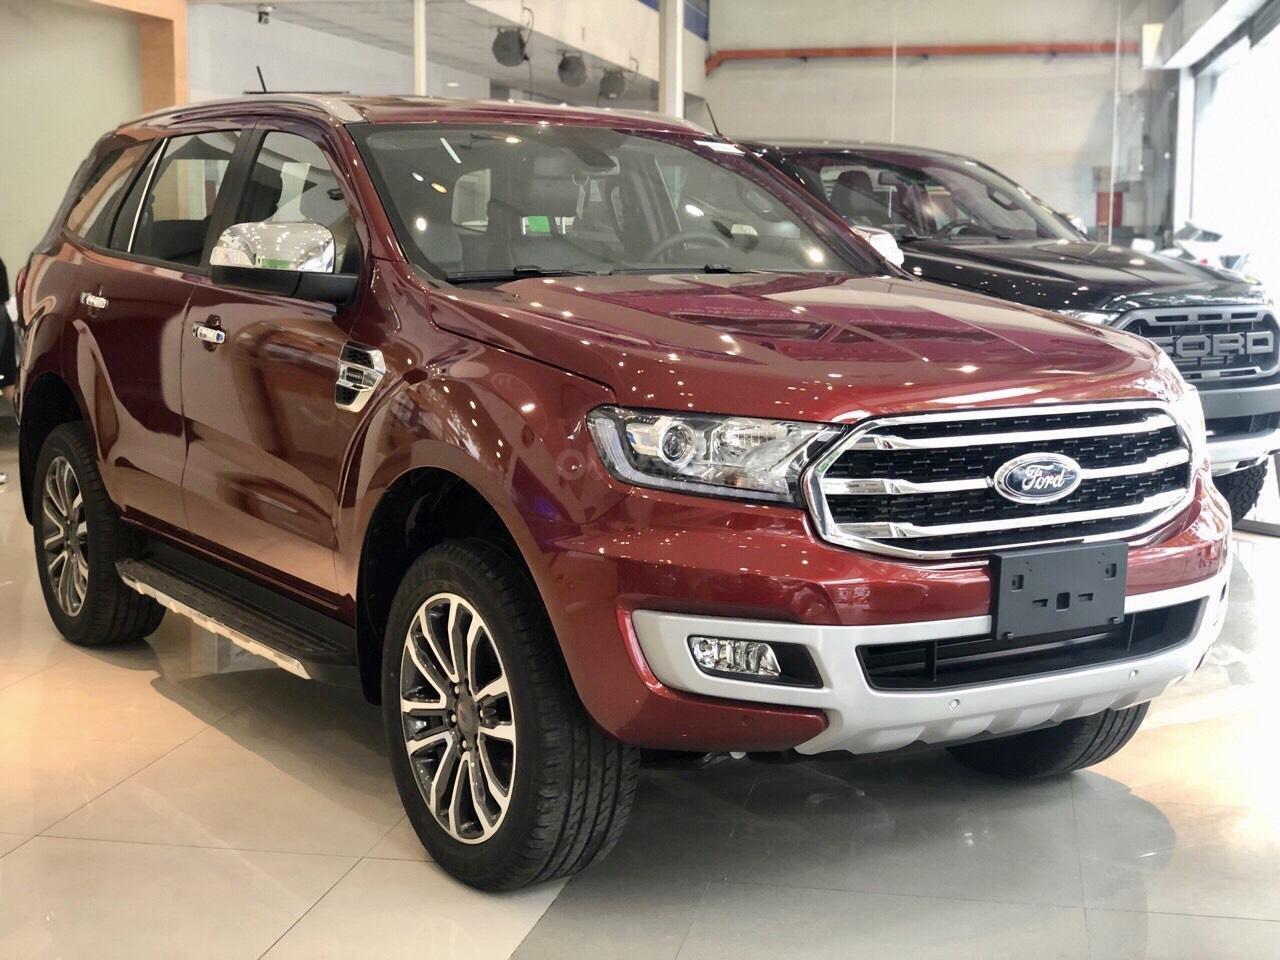 Ford Everest khuyến mãi khủng tặng kèm phụ kiện chính hãng (1)